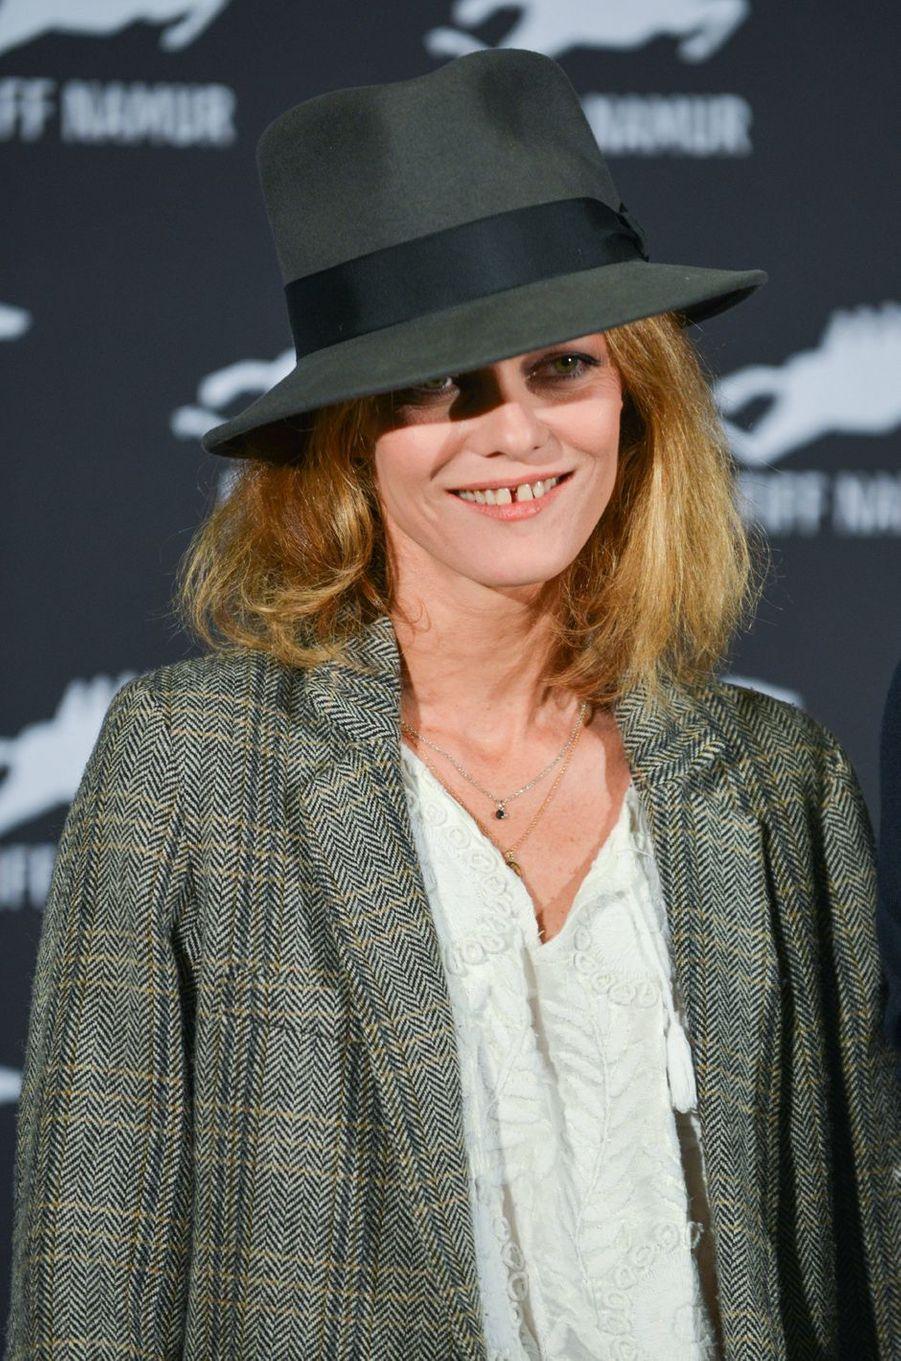 Vanessa Paradis au Festival international du film francophone de Nemur, le 4 octobre 2017.